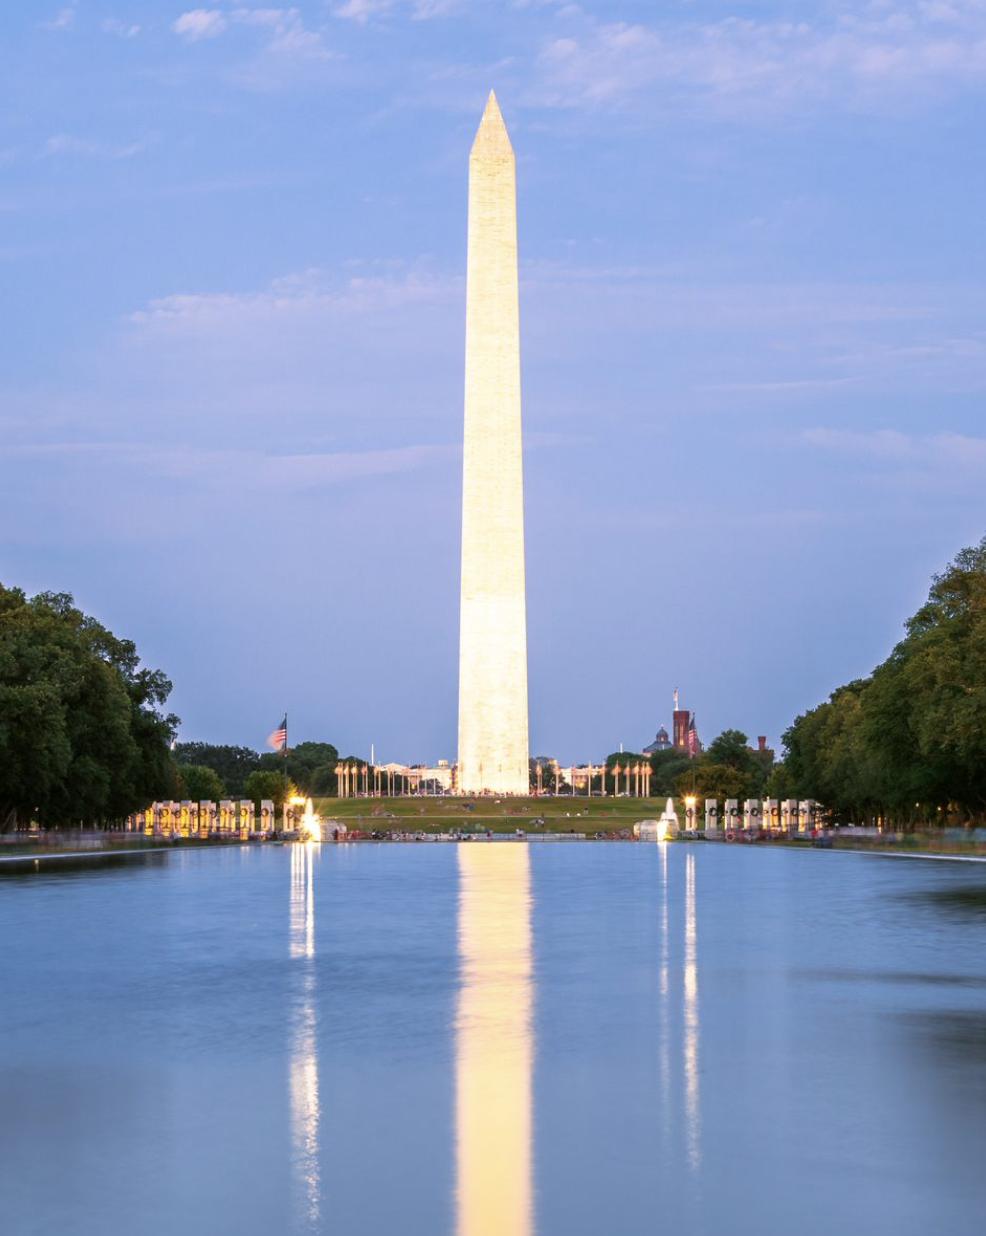 En Washington las historias se cuentan a medias imagen